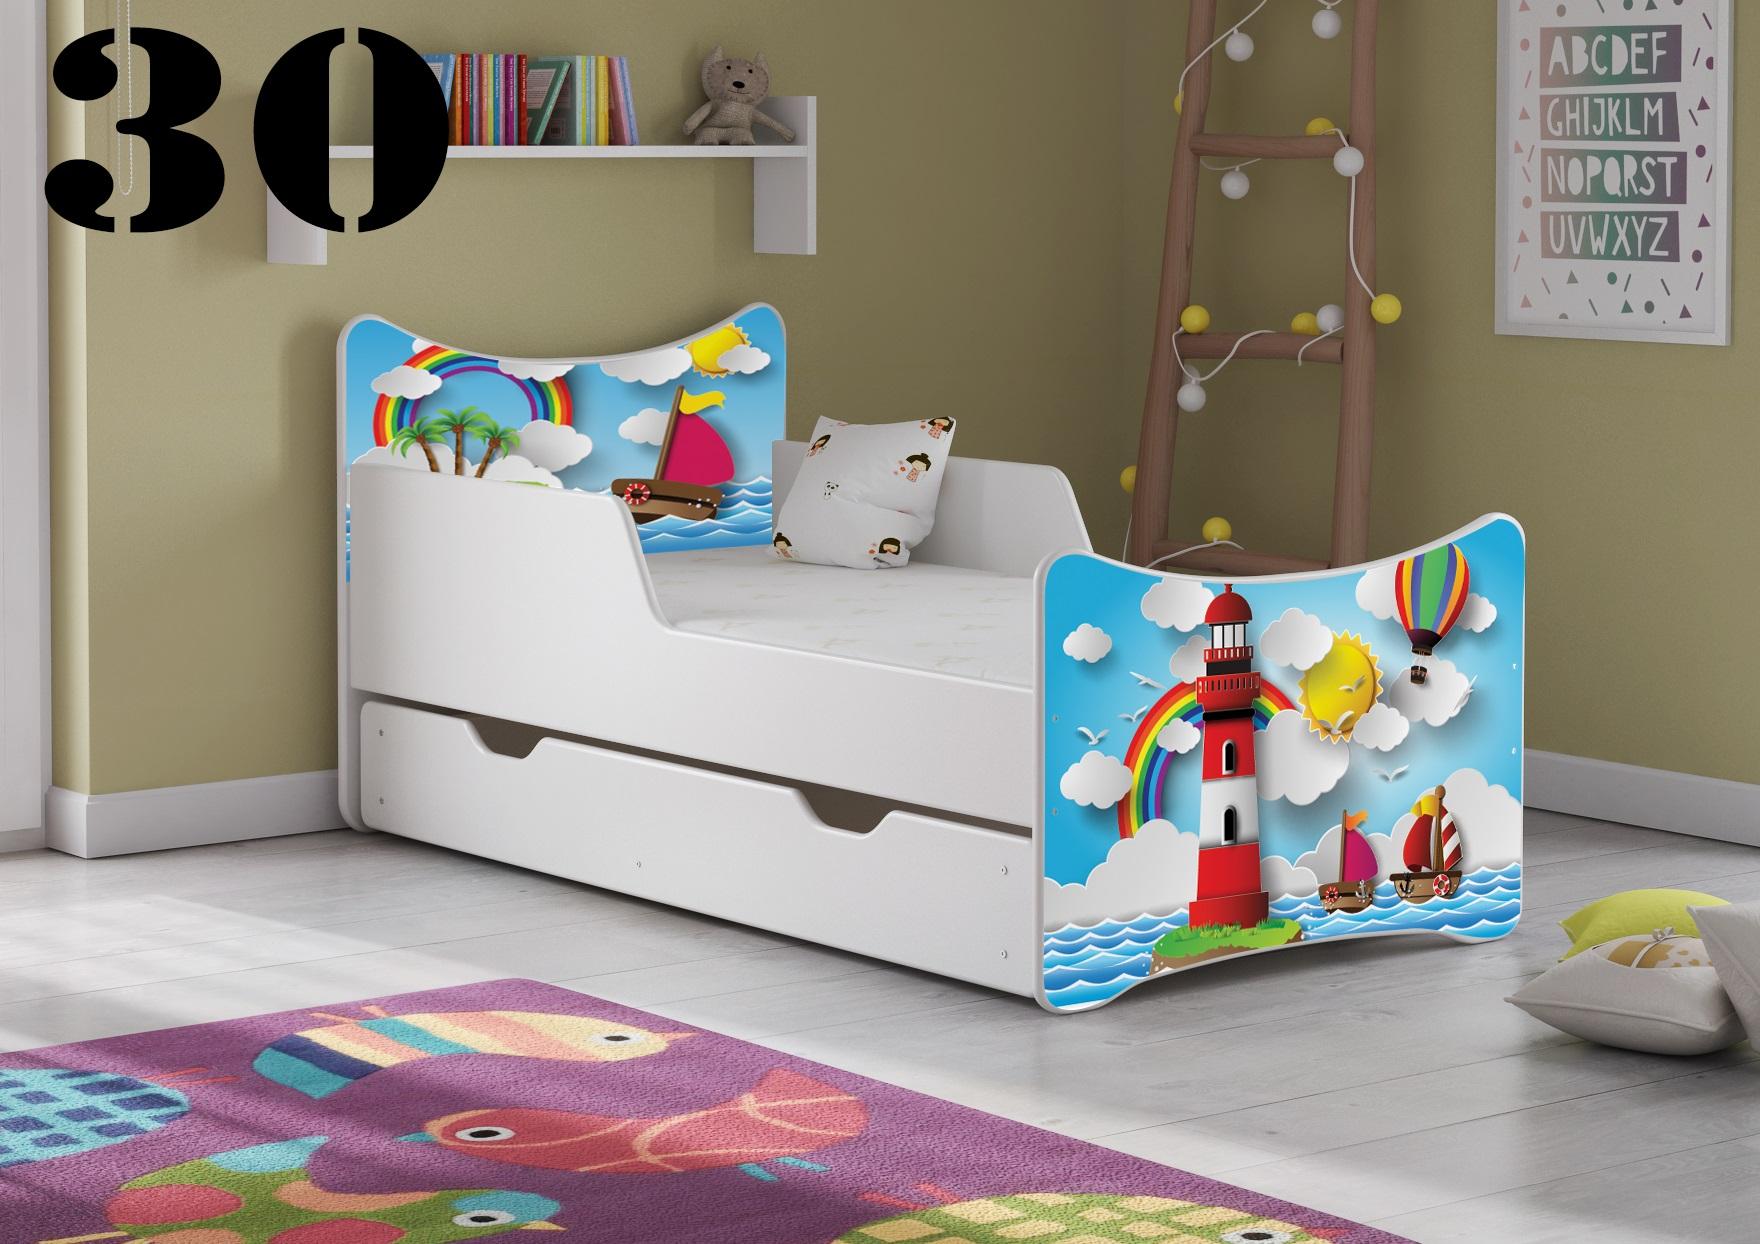 Detská posteľ SMB Pes a mačka 16 Prevedenie: Obrázok č.30